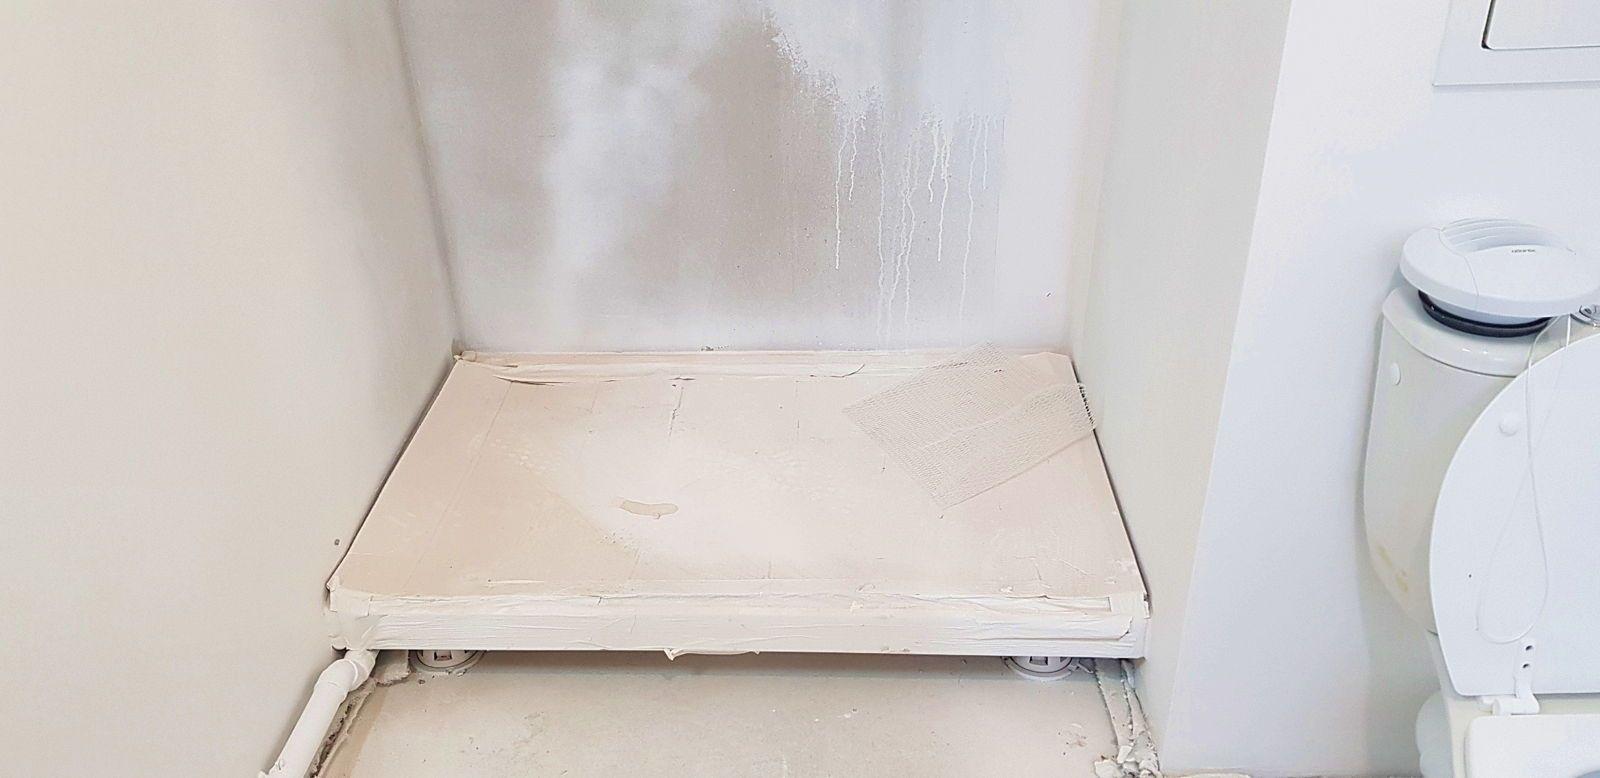 Vends receveur de douche neuf 1.20m x 0.80m épaisseur 80mm